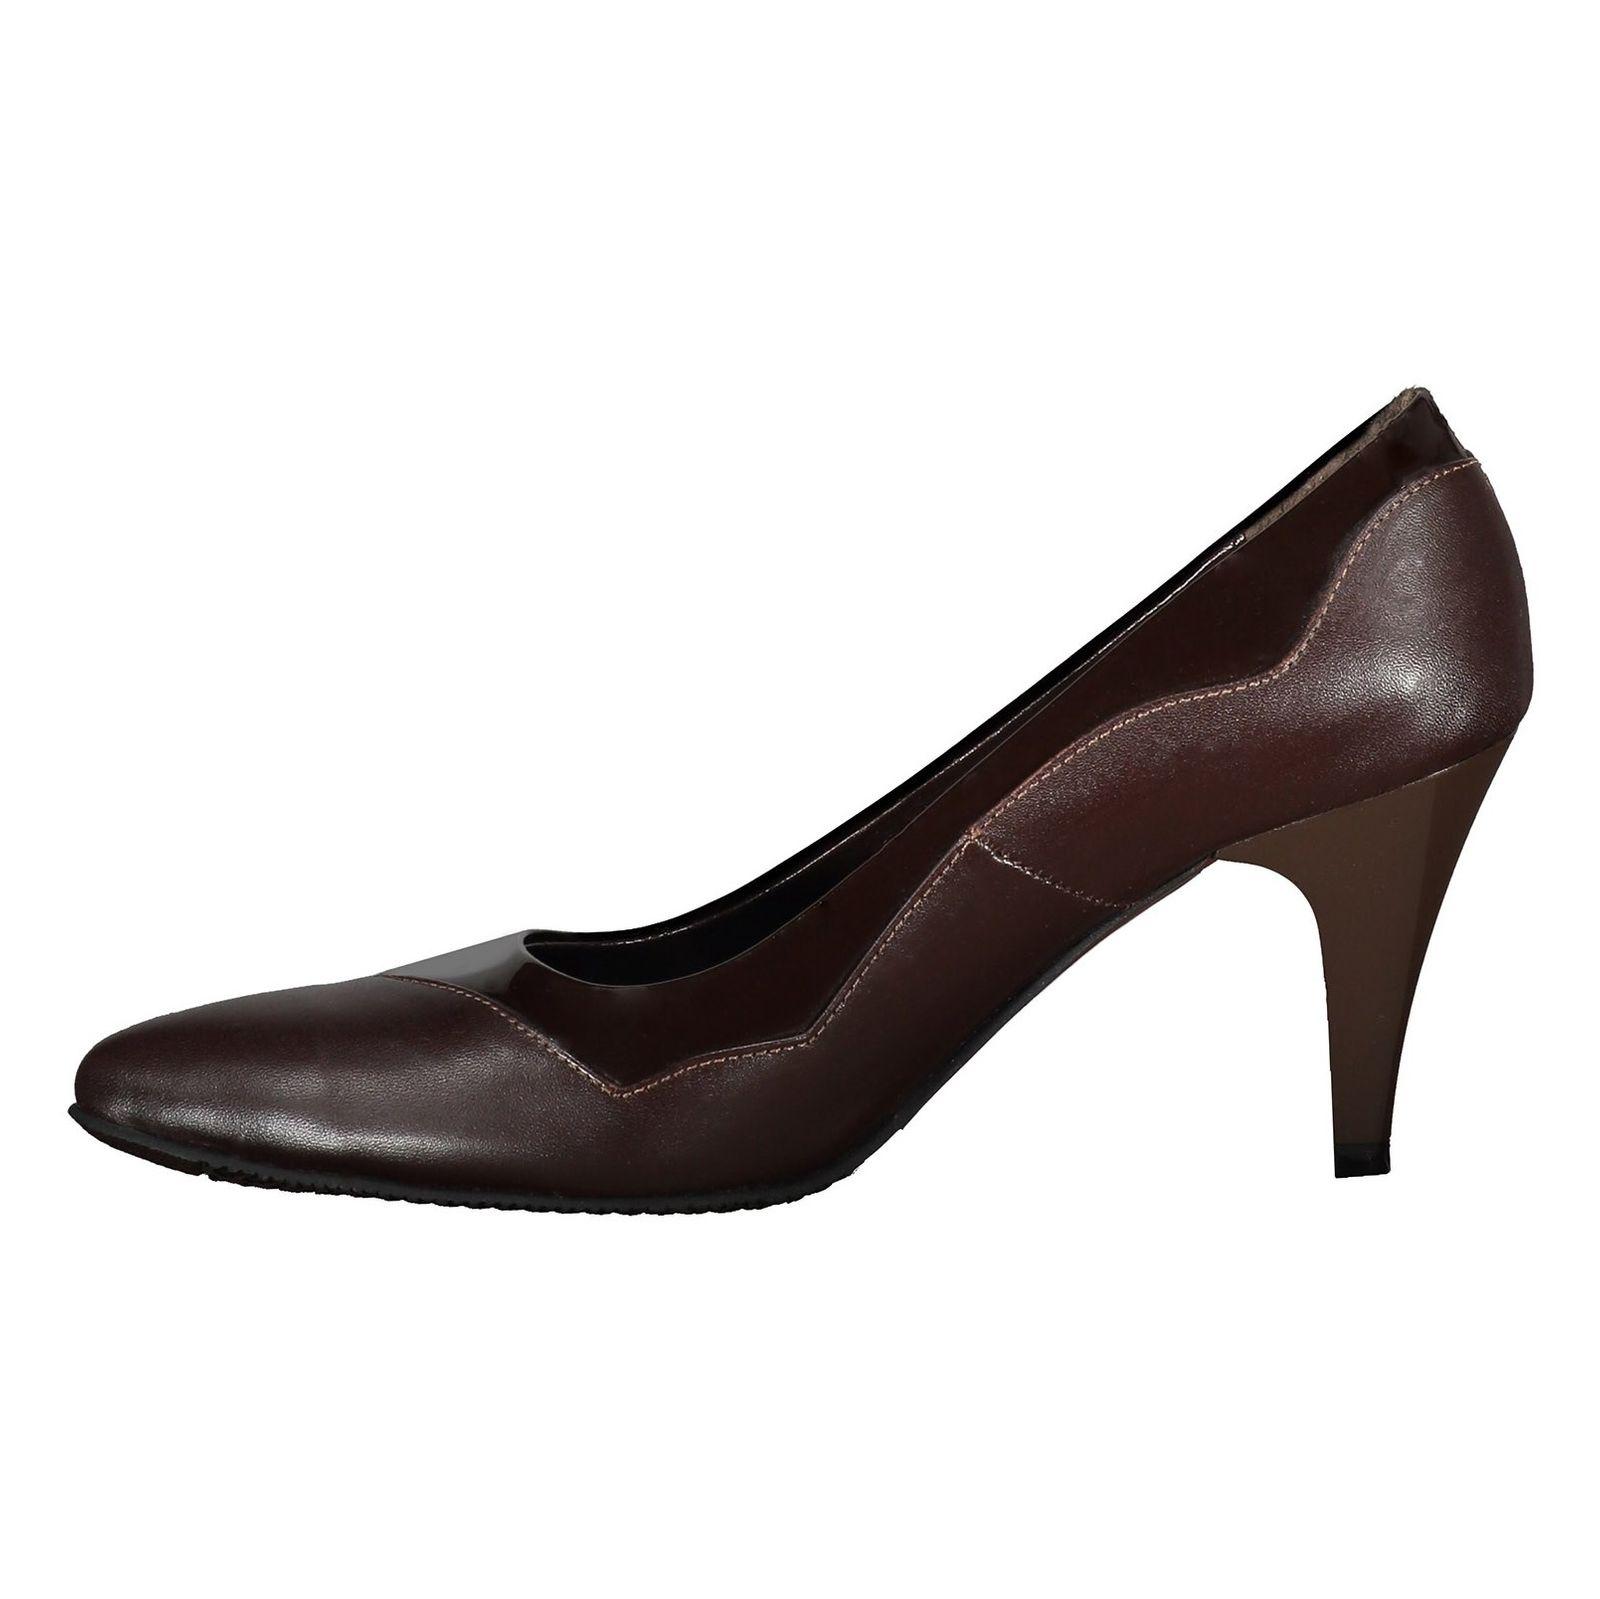 کفش پاشنه بلند چرم زنانه - شهر چرم - قهوه اي - 3